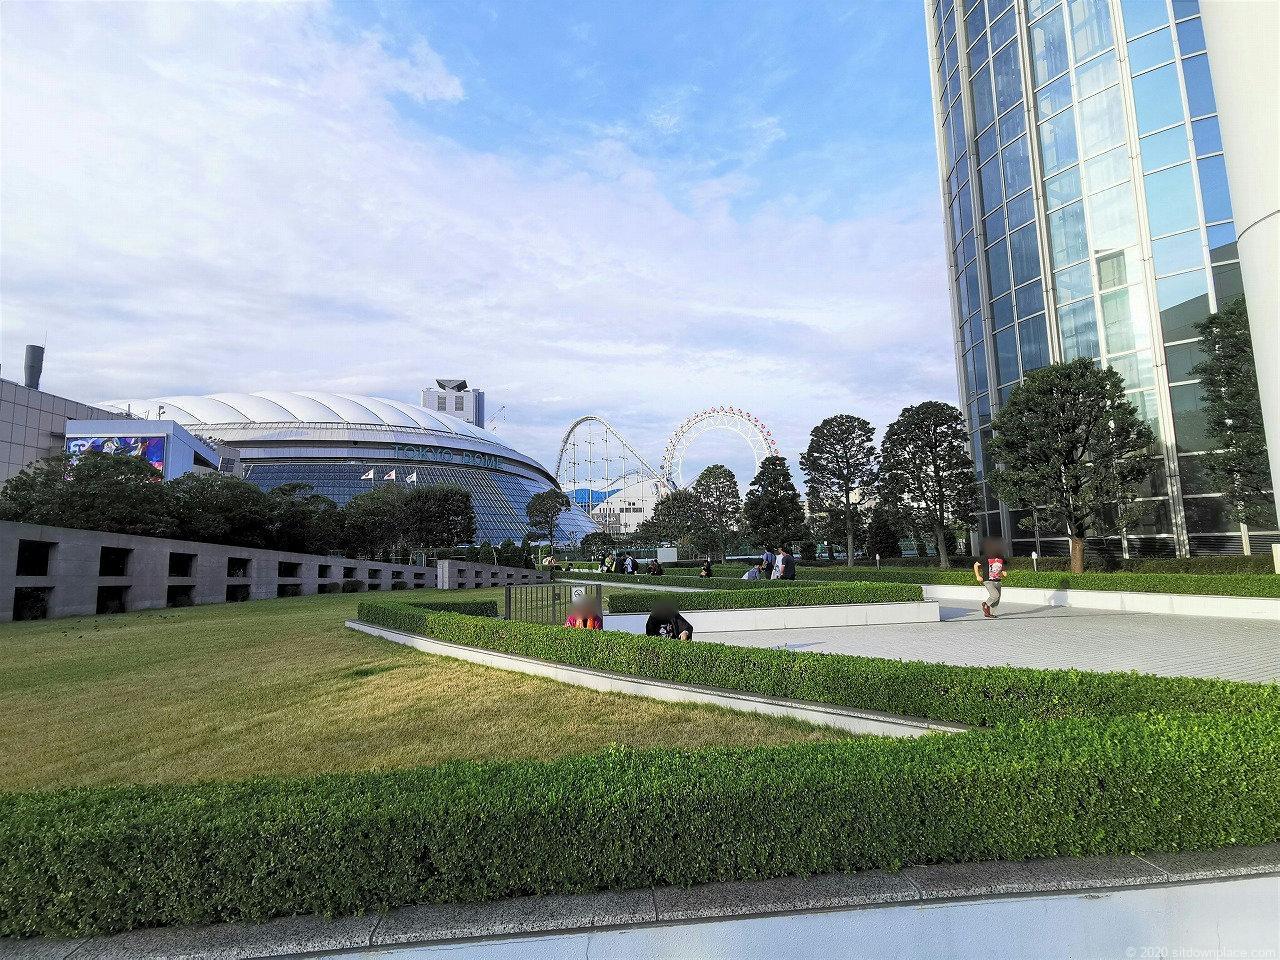 水道橋駅 東京ドームホテル周辺の外観